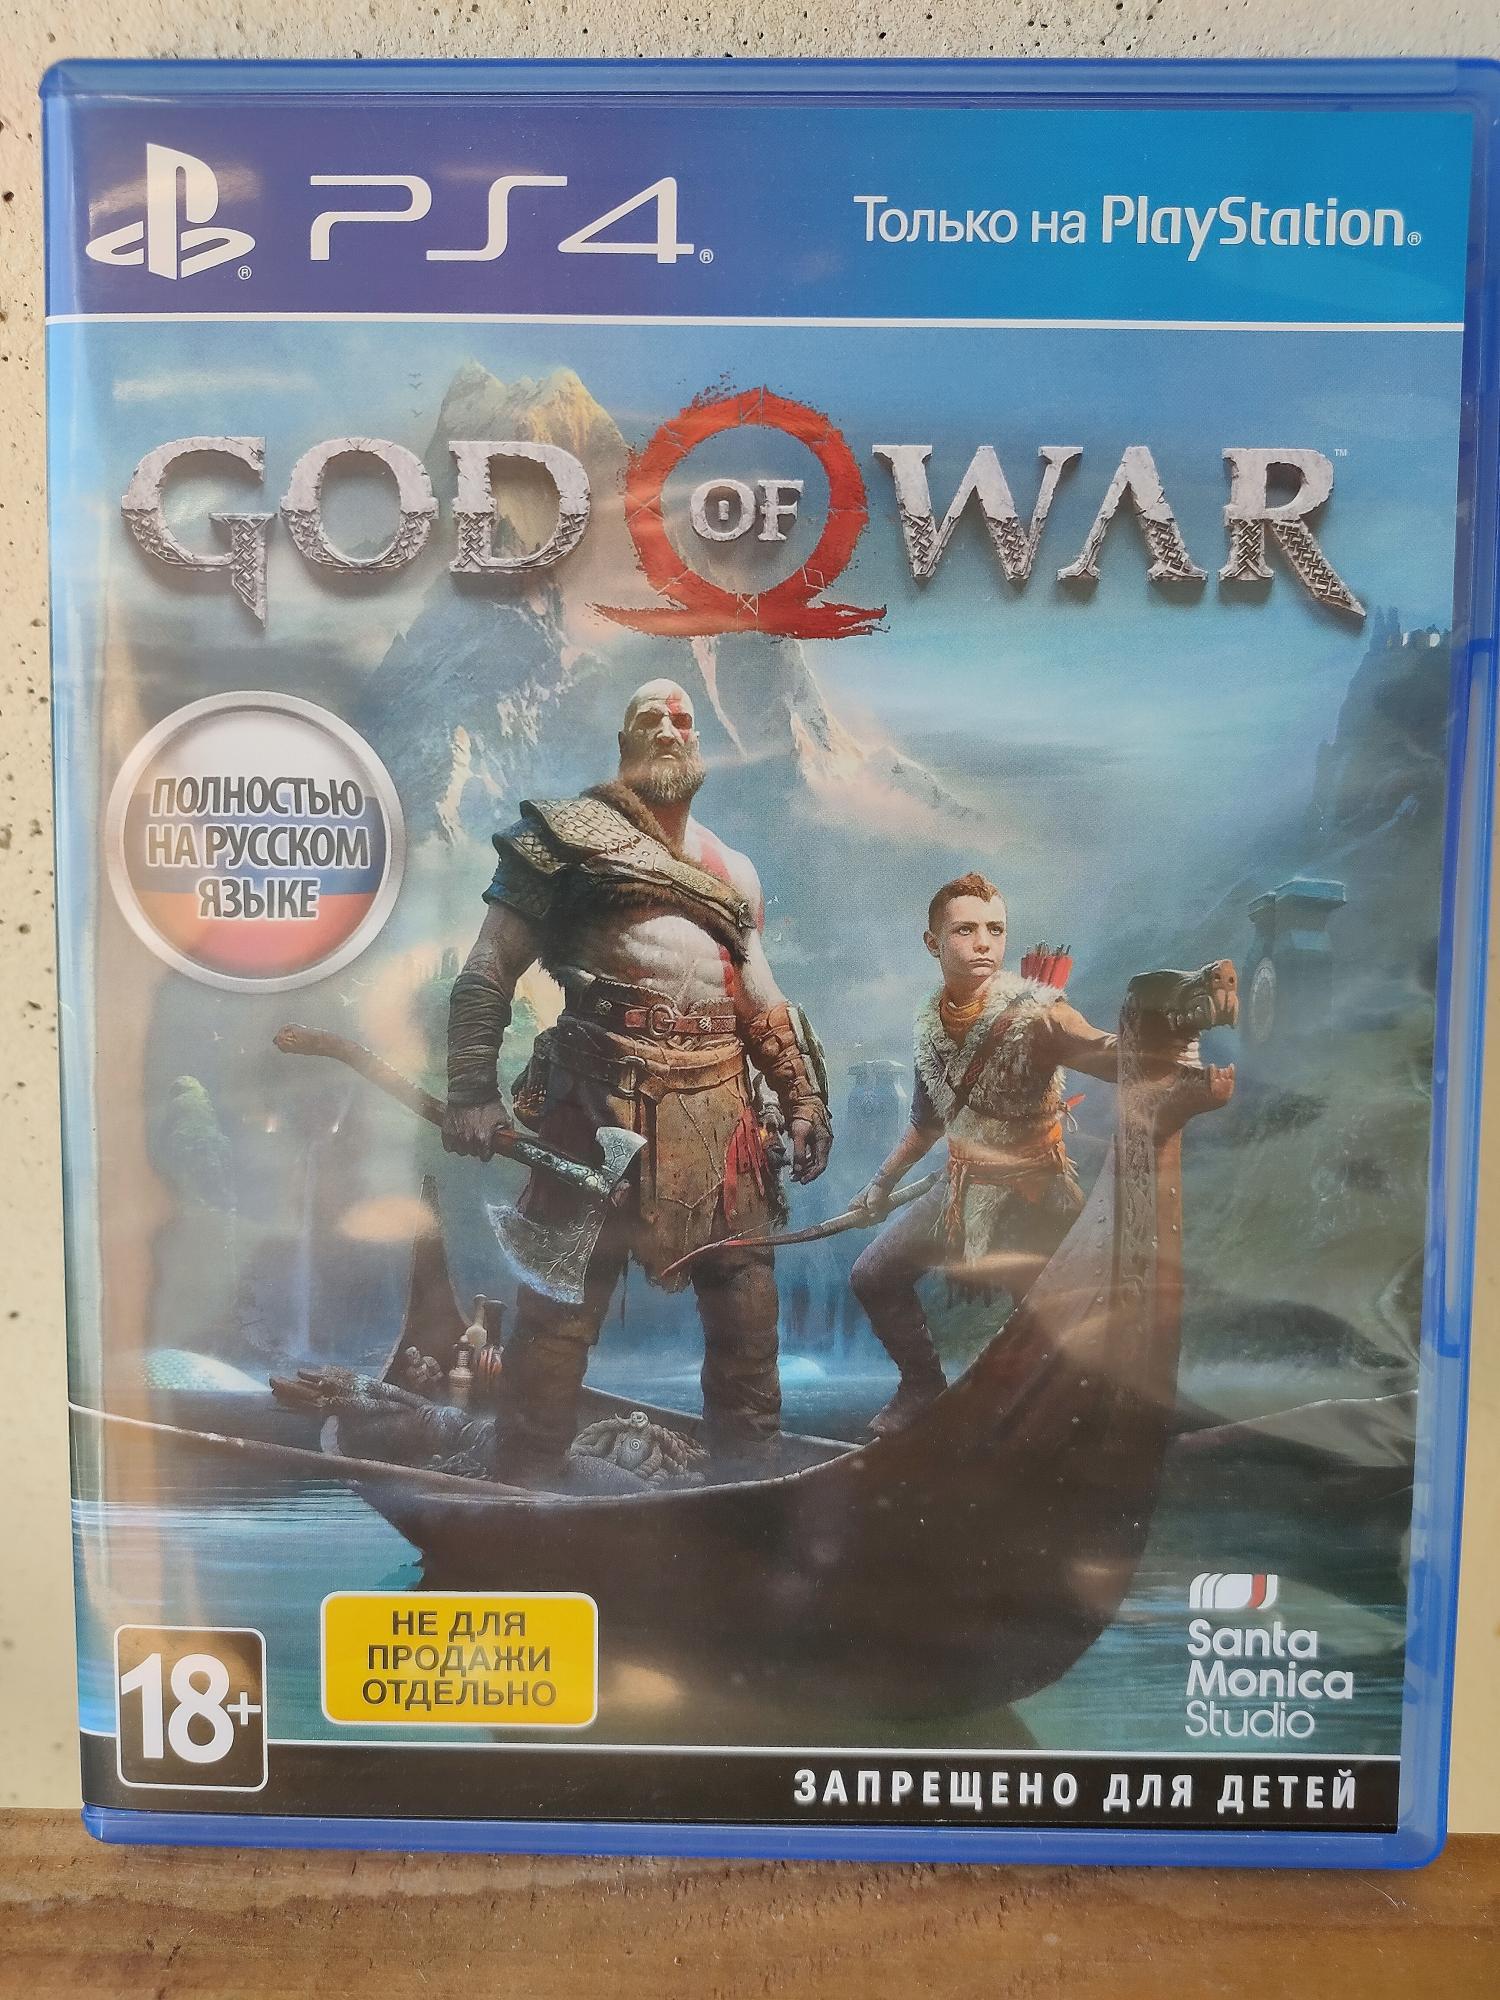 God of War PS4 в Королеве 89853501286 купить 1